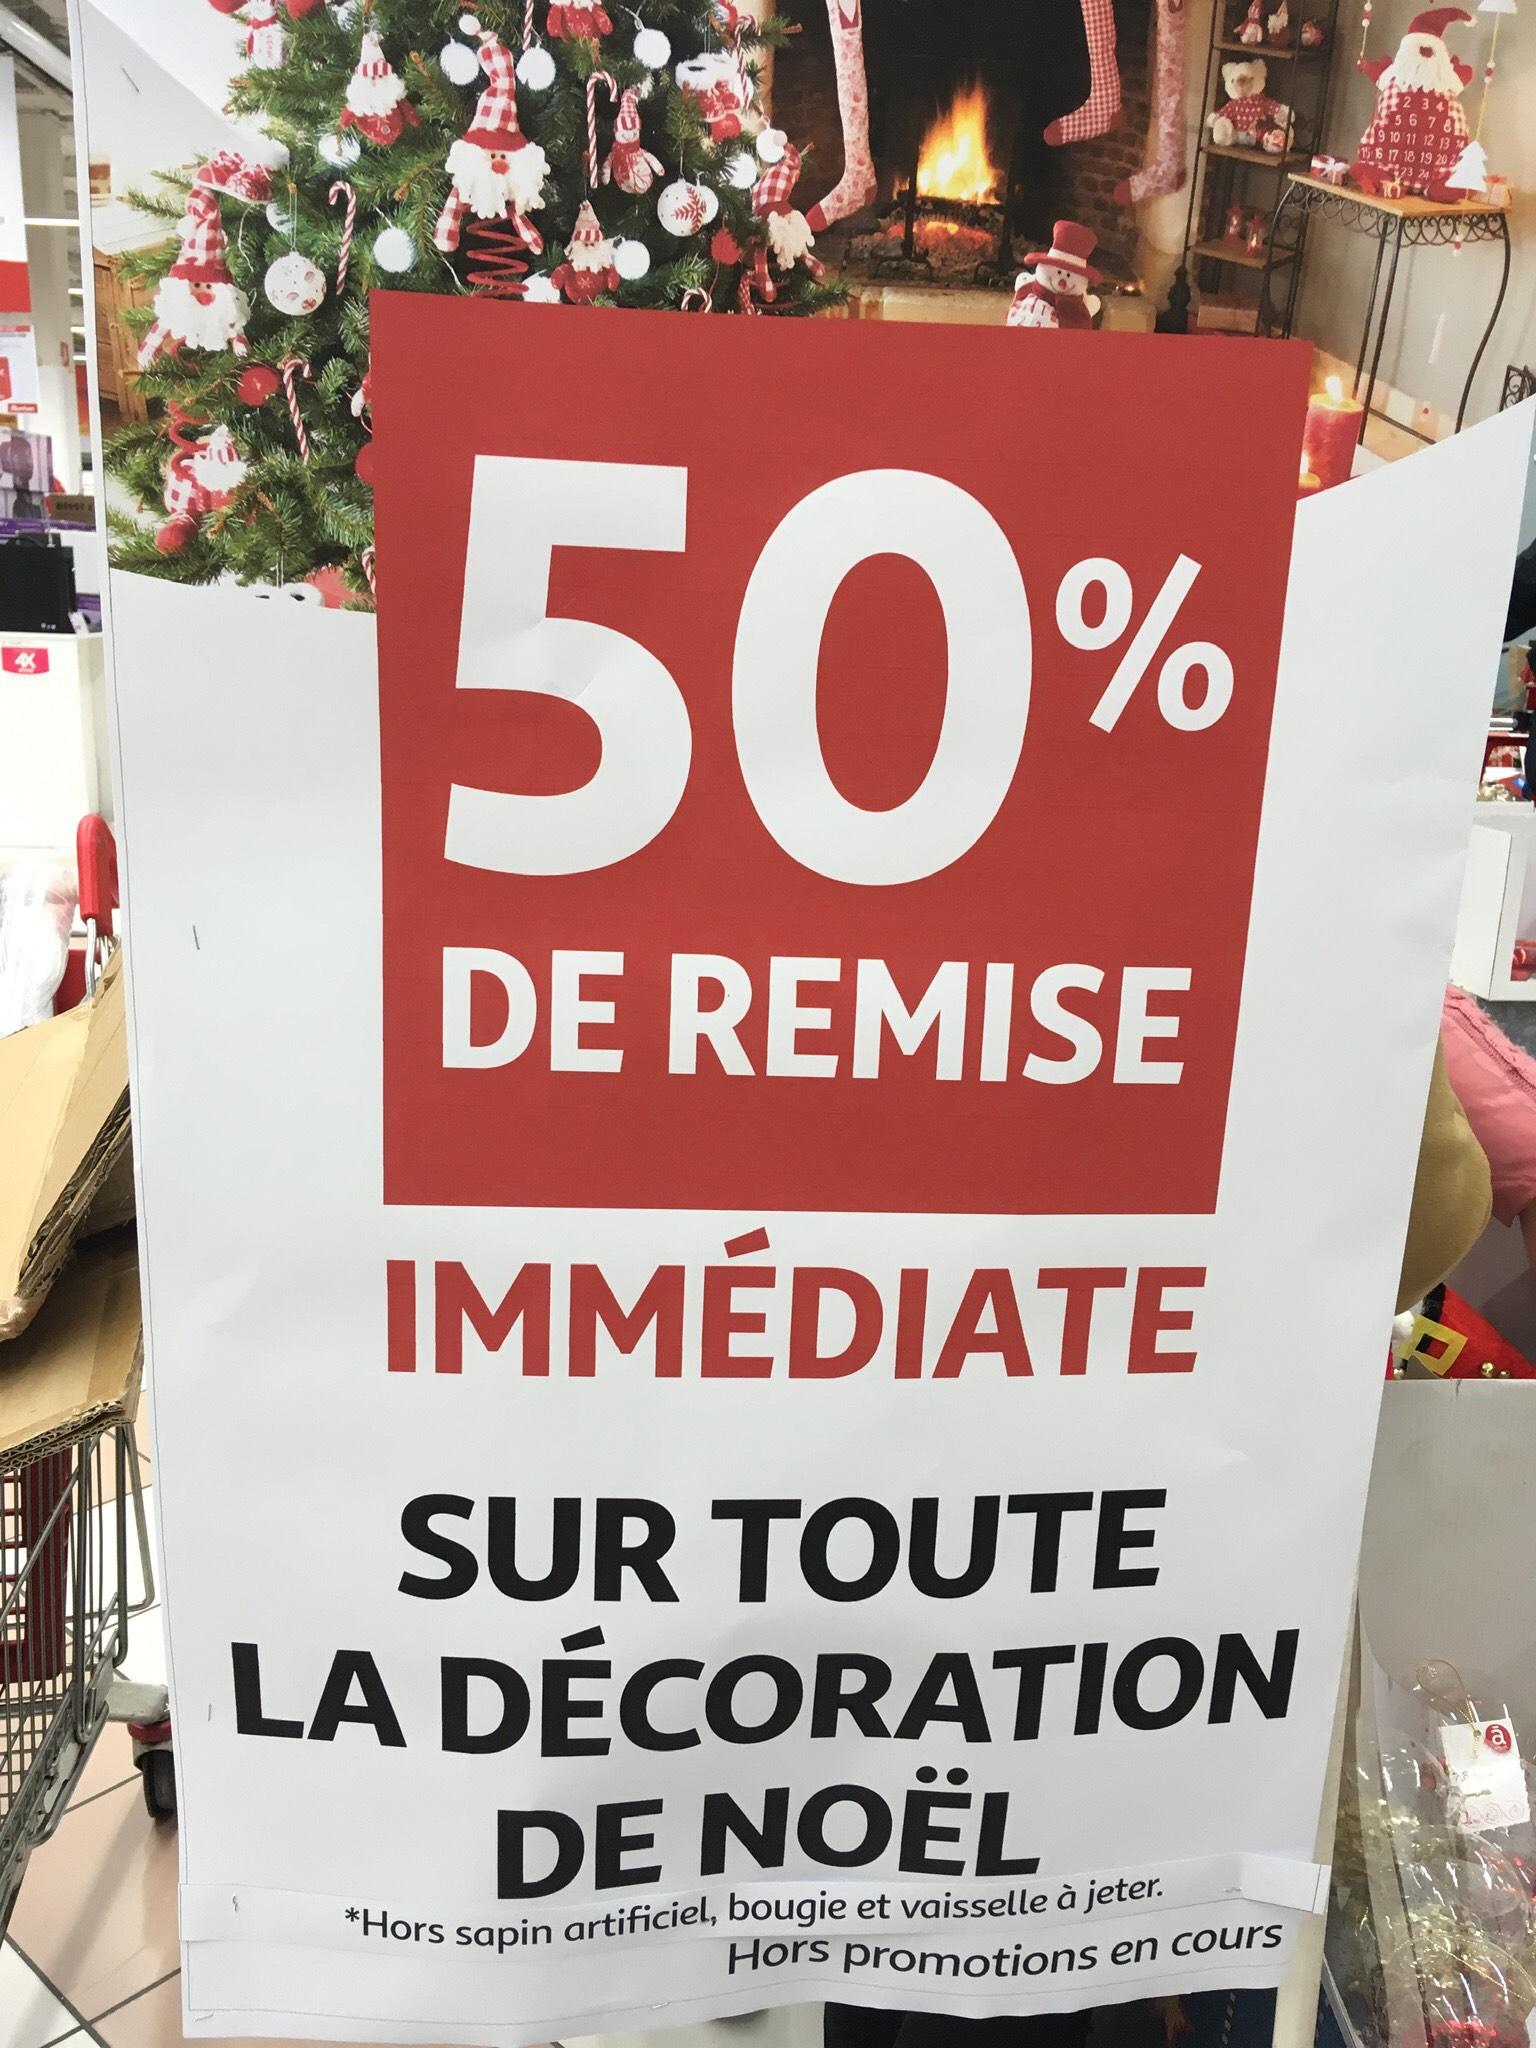 50% réduction sur les décorations de Noel hors sapins artificiels, bougies et vaisselle jetable - Auchan Val d'Europe a Serris (77)